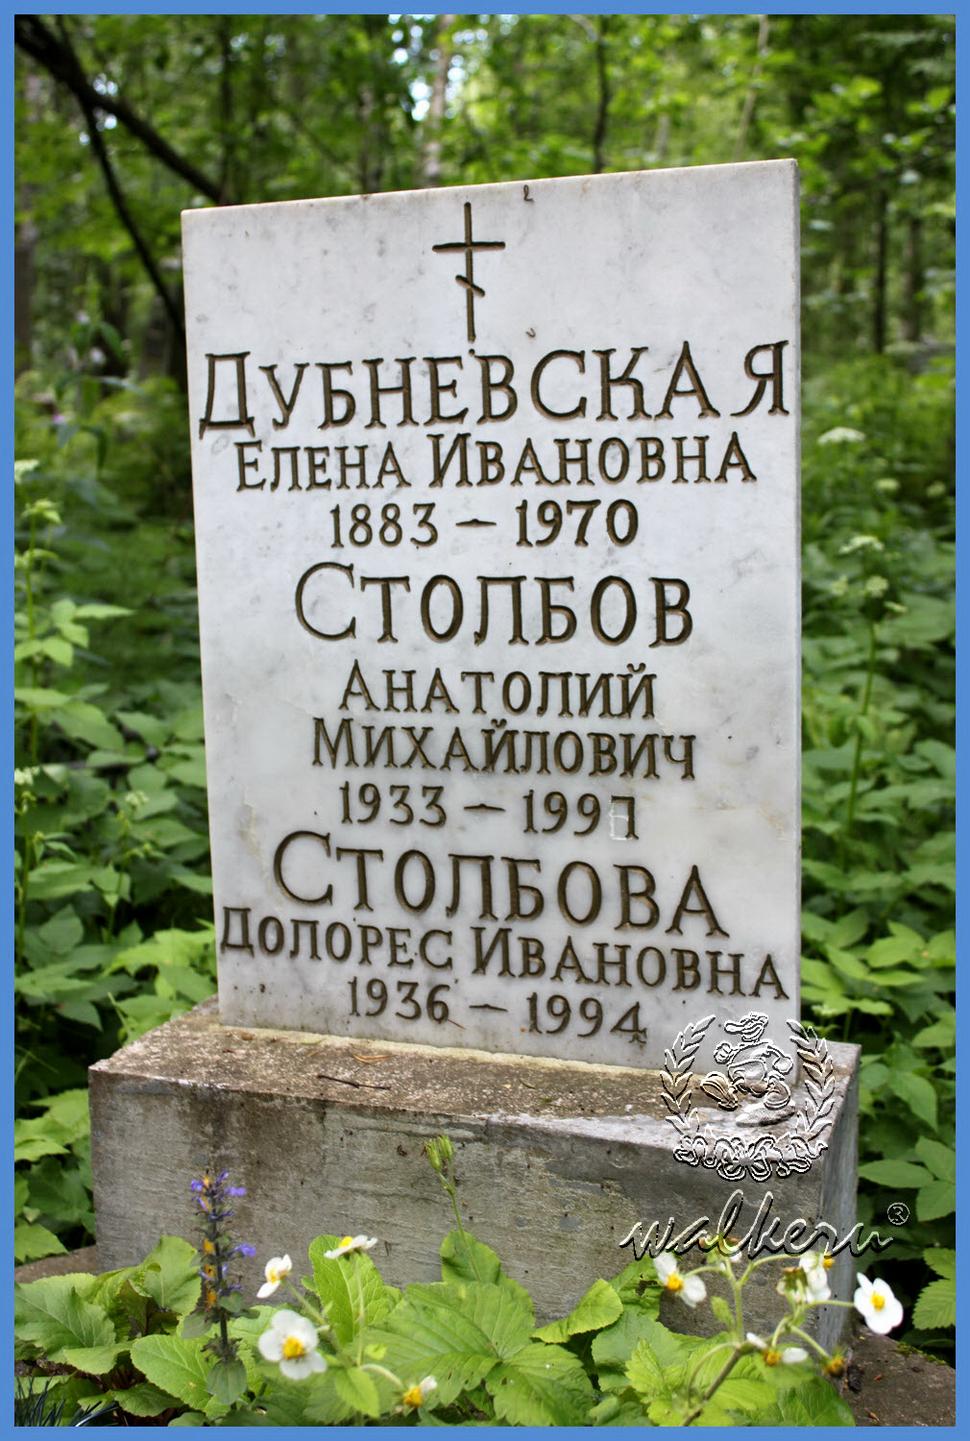 © Столбов Анатолий Михайлович